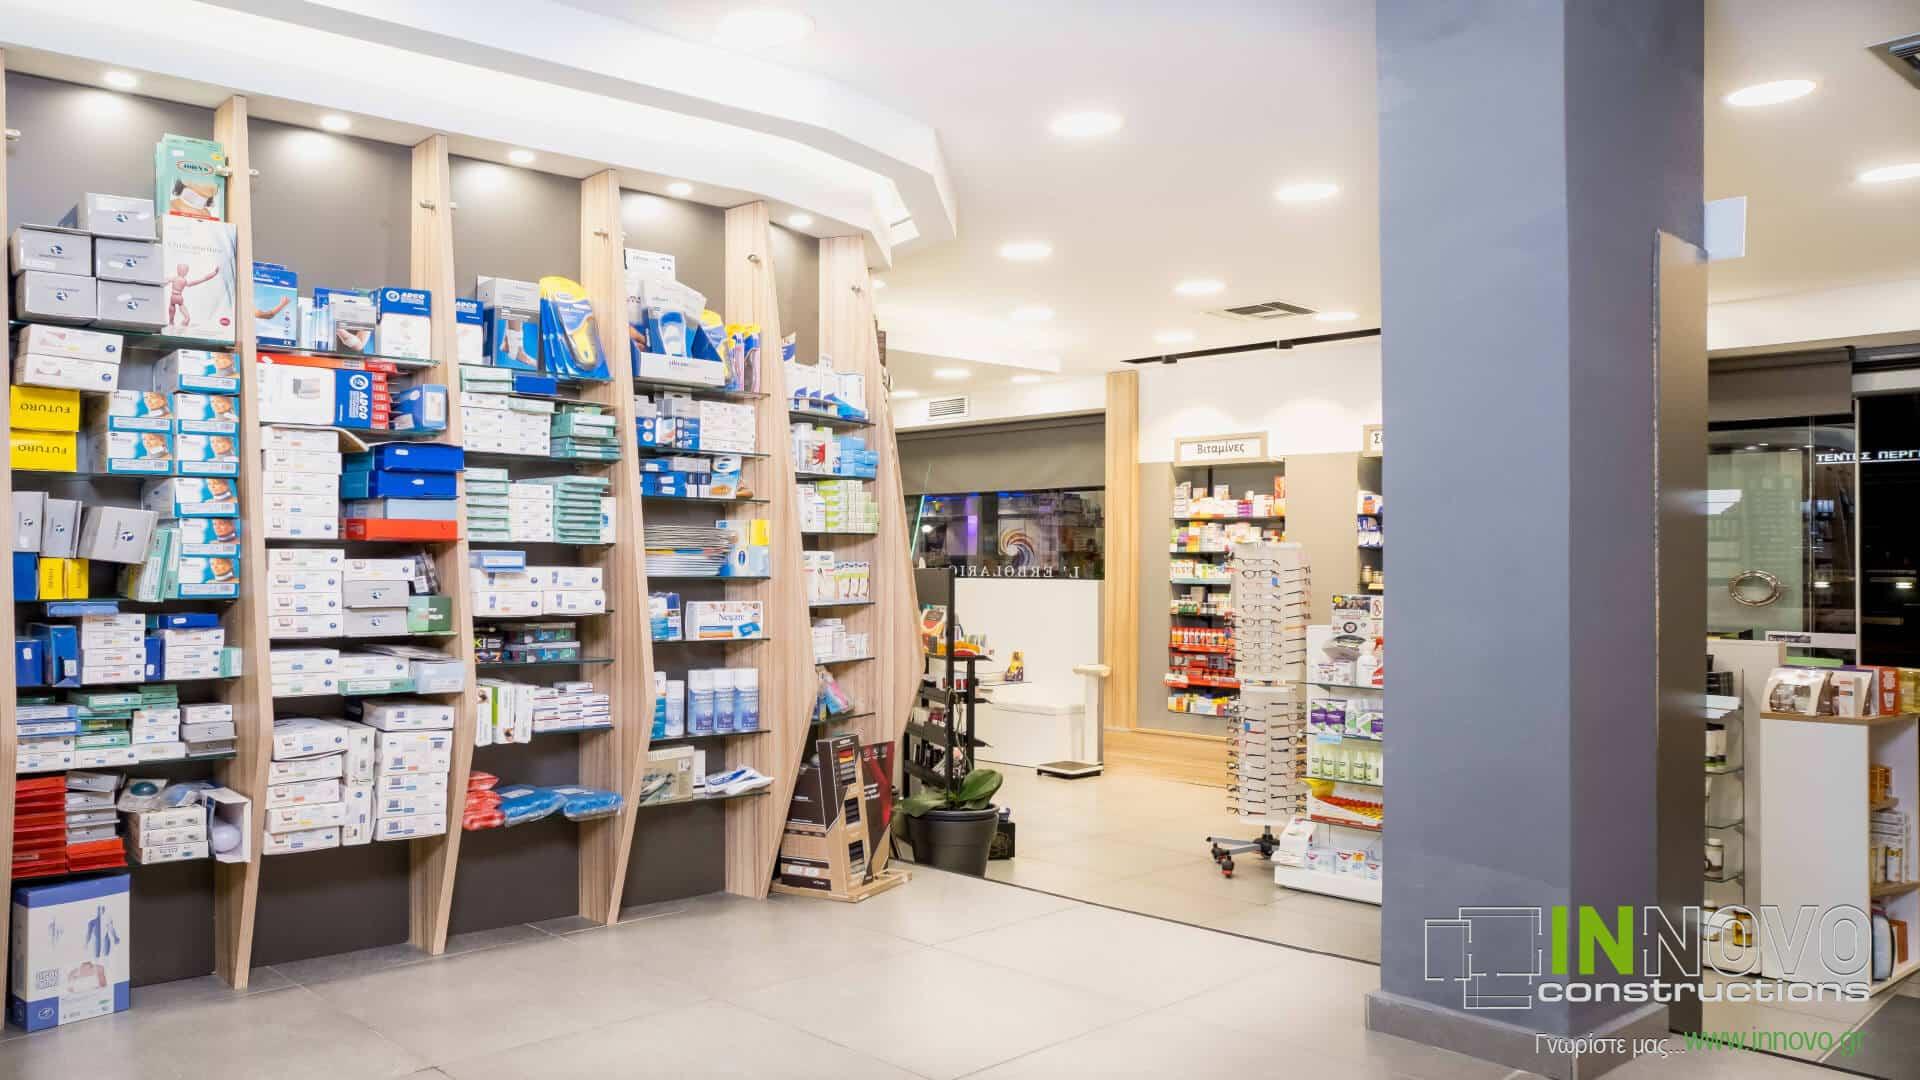 Στο Περιστέρι, σχεδιασμός εξοπλισμού φαρμακείου